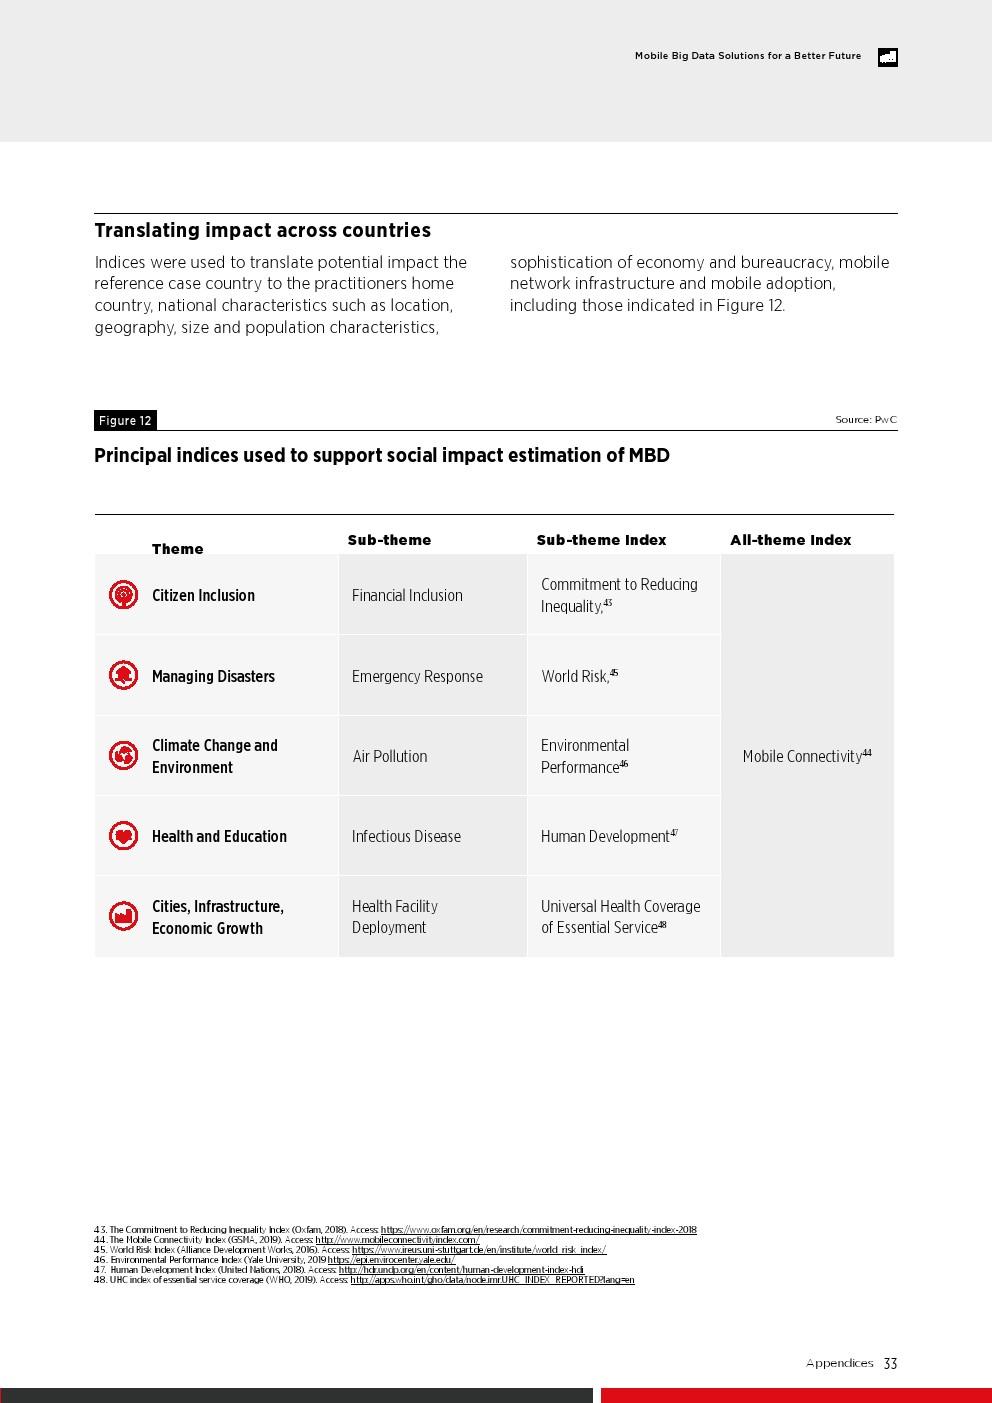 GSMA:移动大数据解决方案报告插图(34)